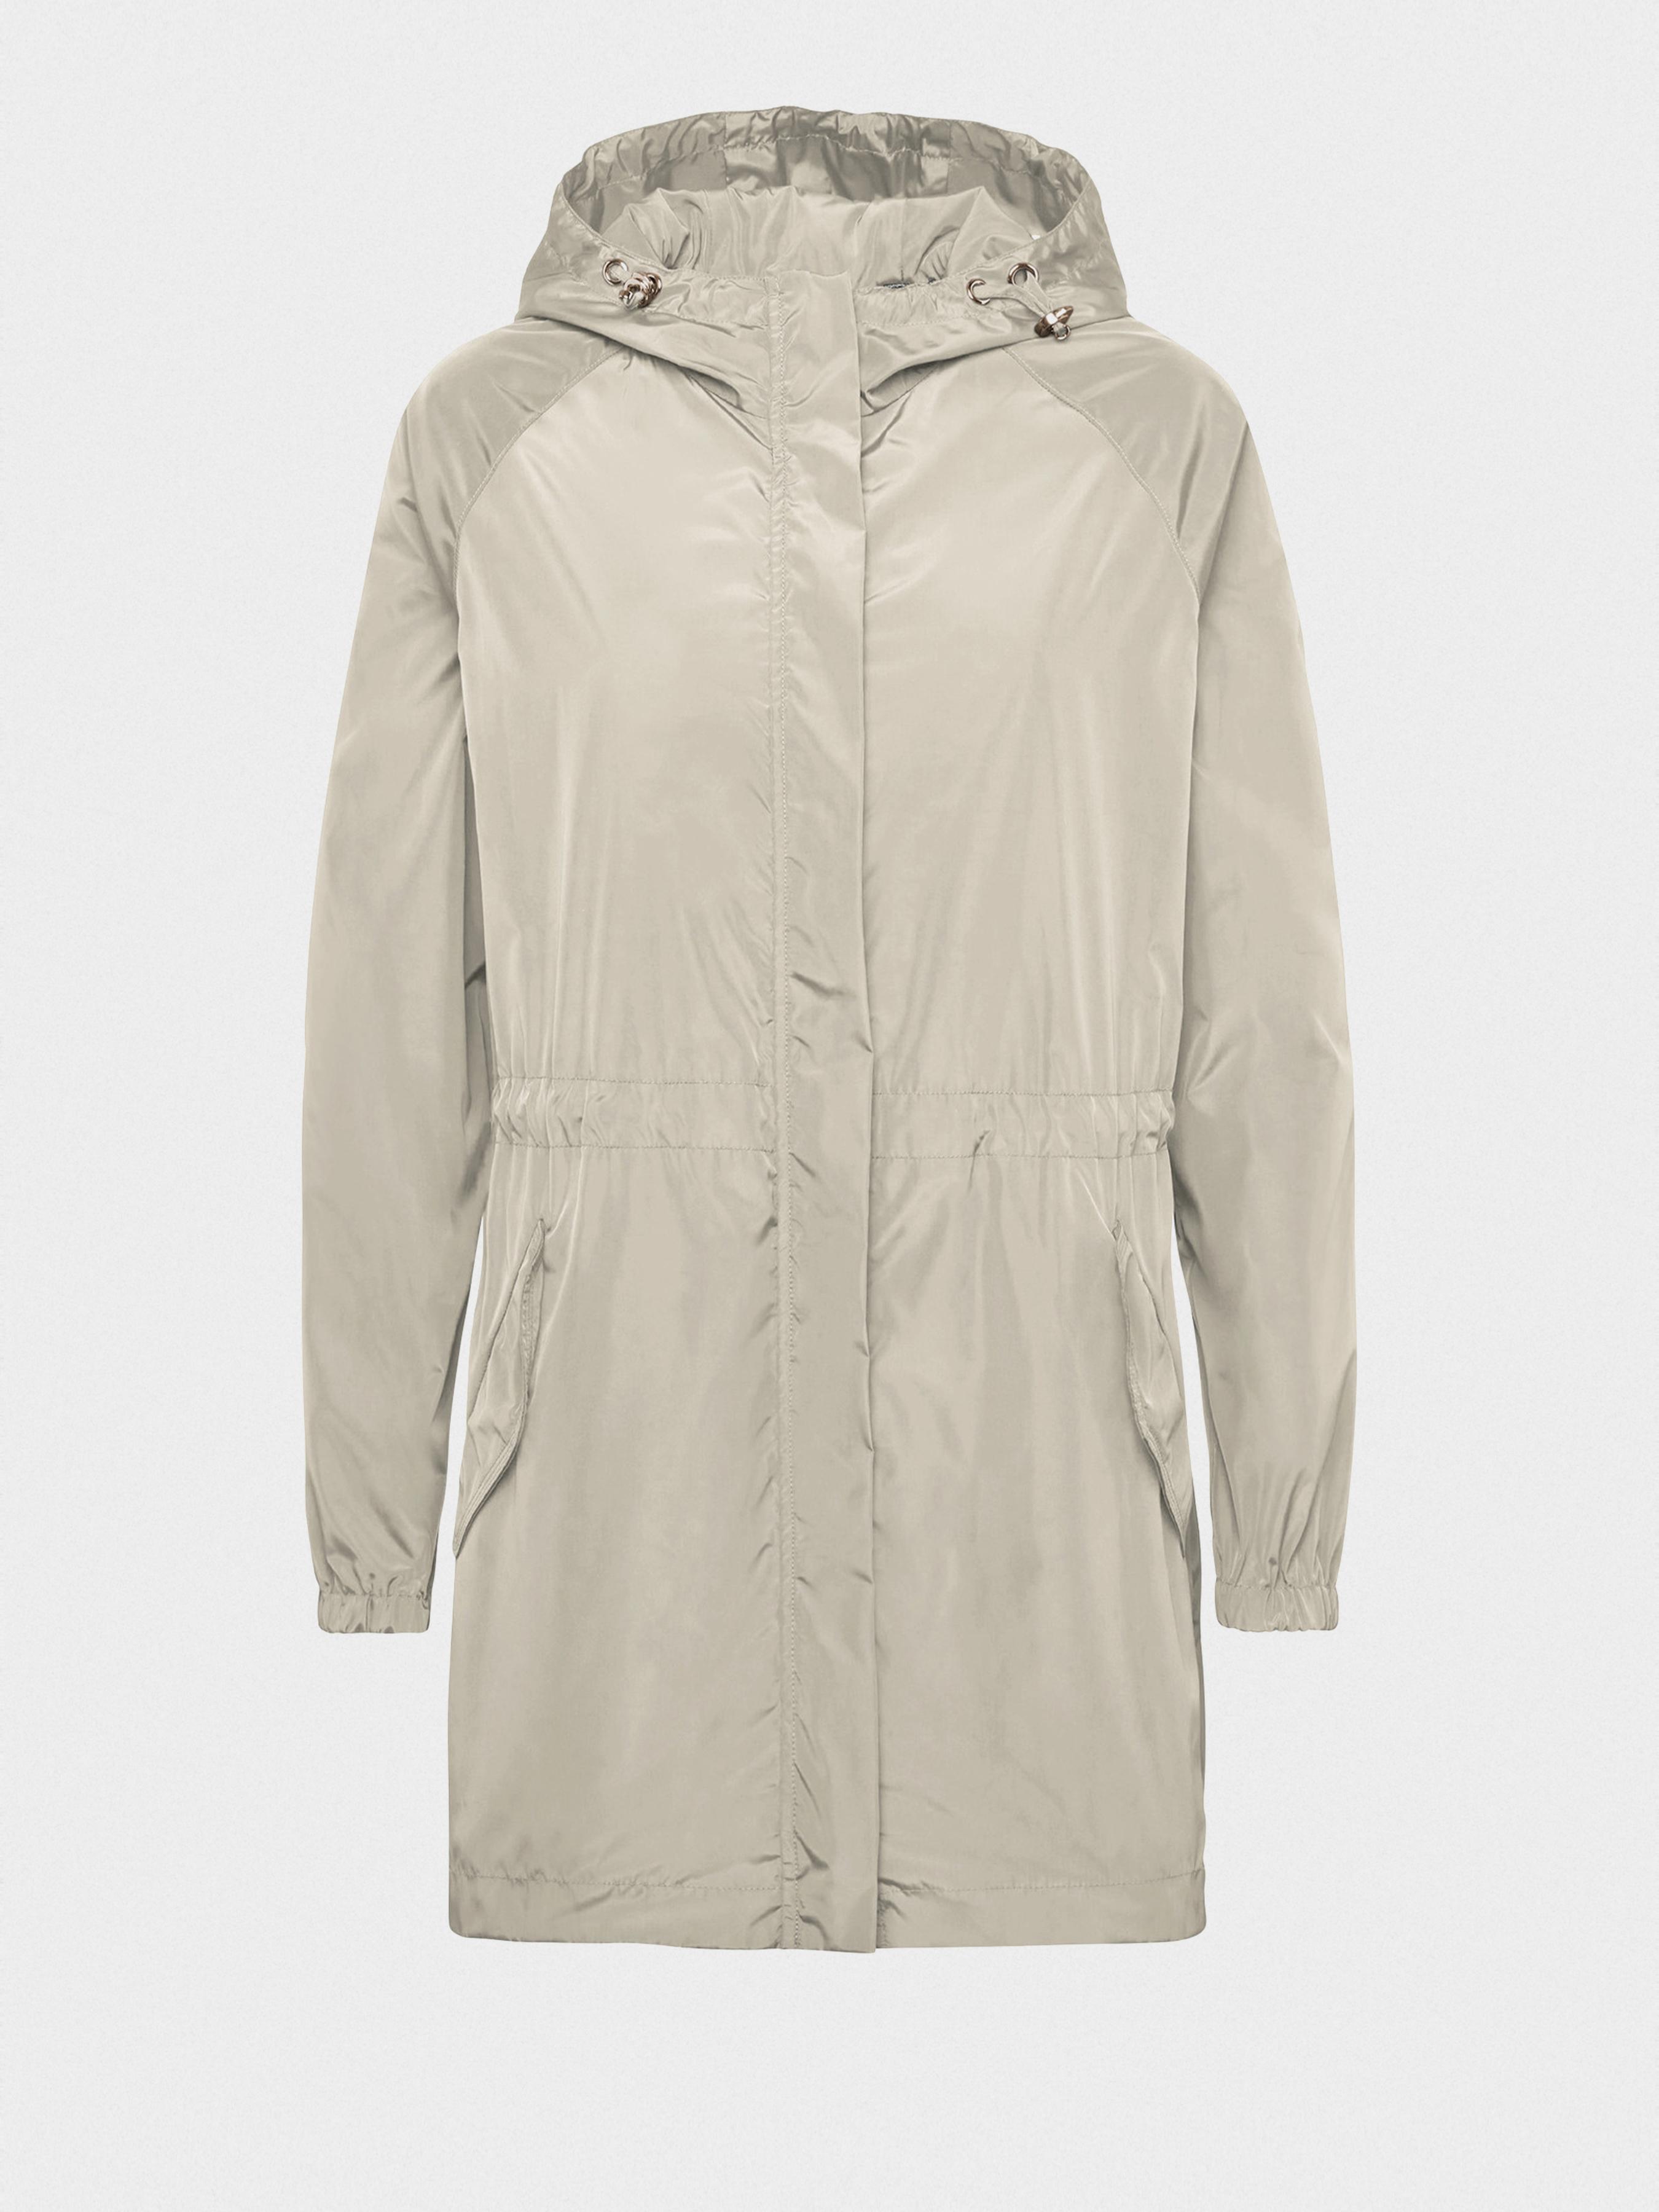 Купить Пальто женские модель XA6145, Geox, Бежевый